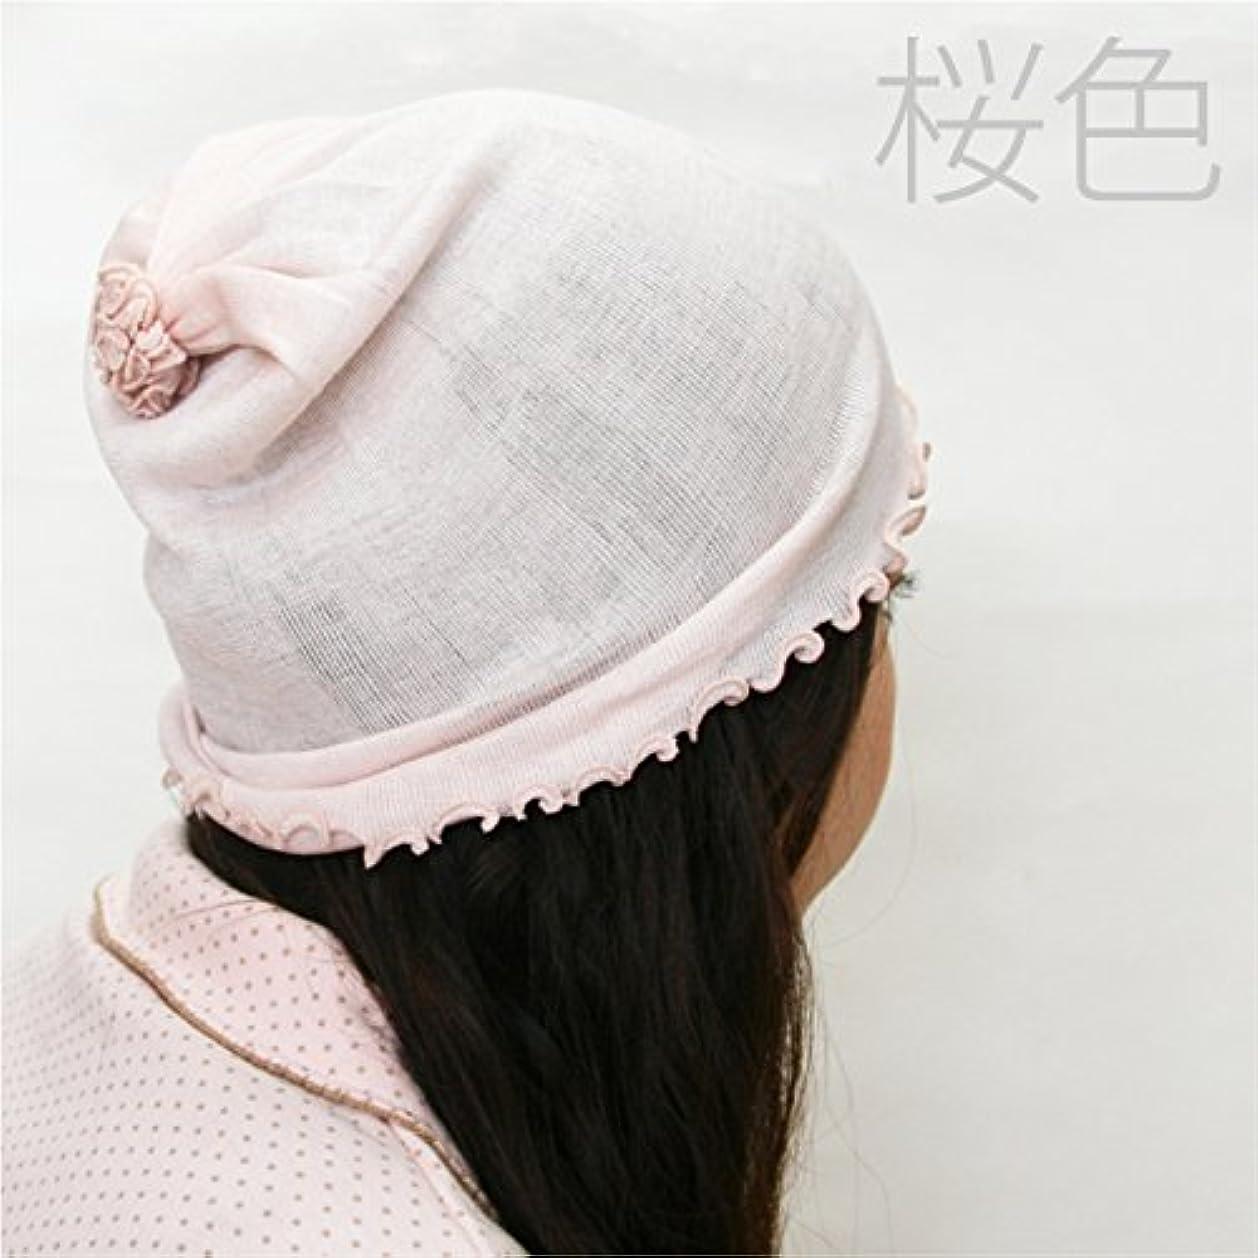 安西圧縮されたオーバーフロー絹屋 シルクナイトキャップ SO4463 02桜色